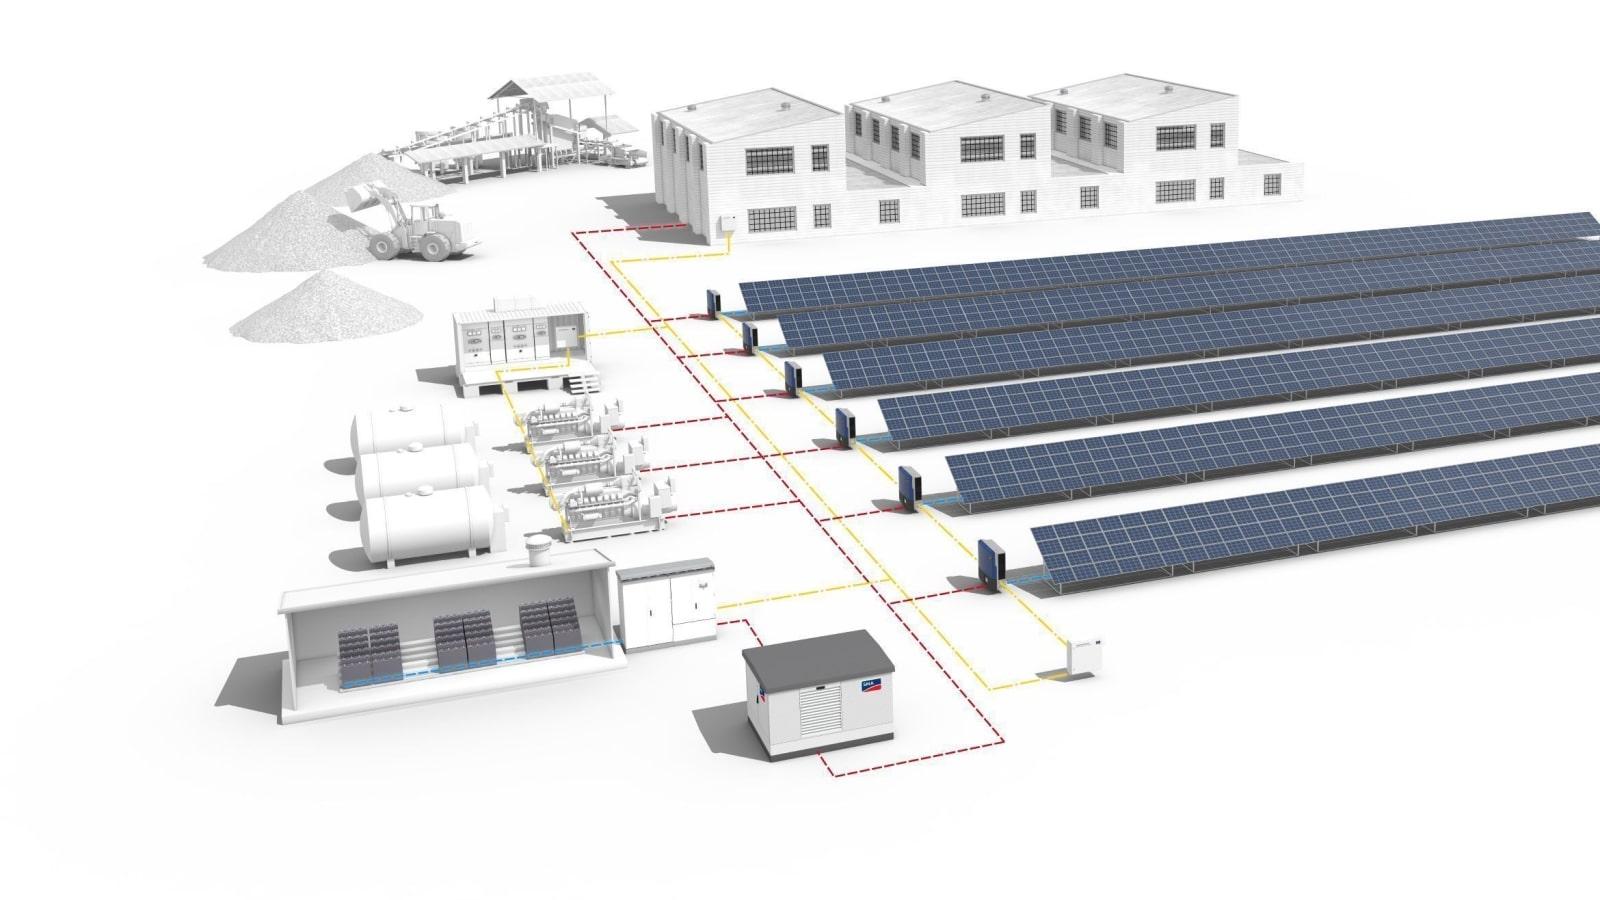 Децентрализованная гибридная солнечно-дизельная электростанция